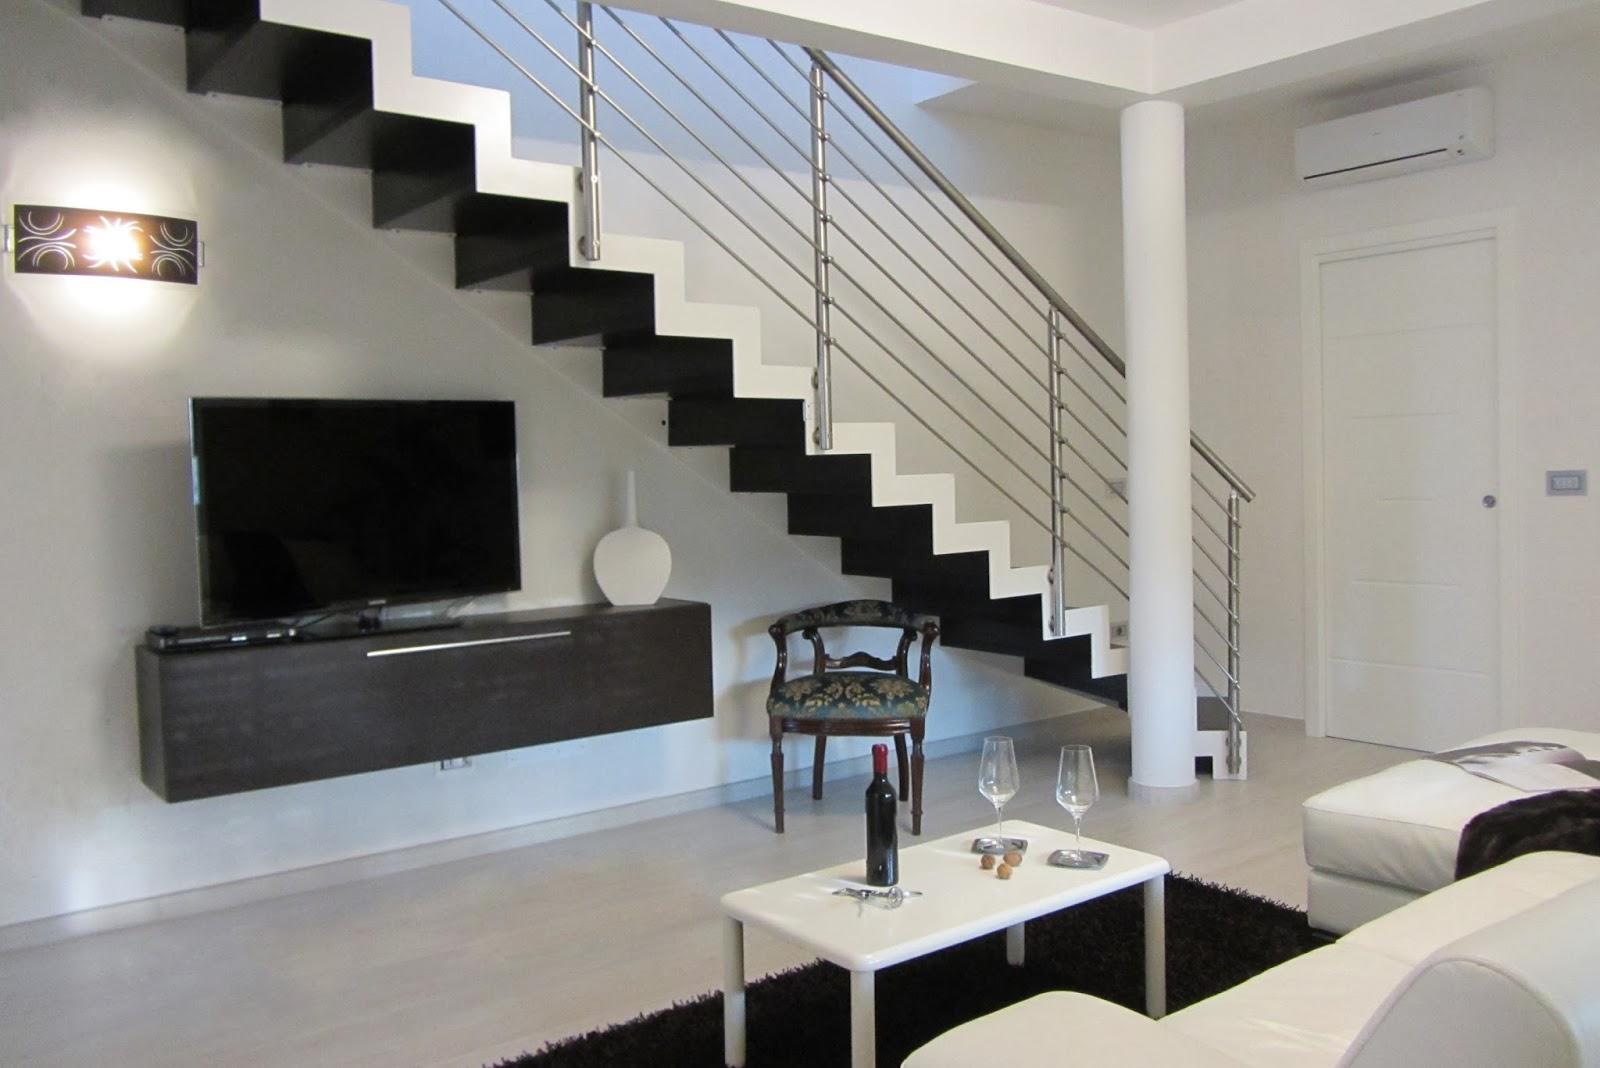 Sala con escalera salas con estilo for Salas con escaleras